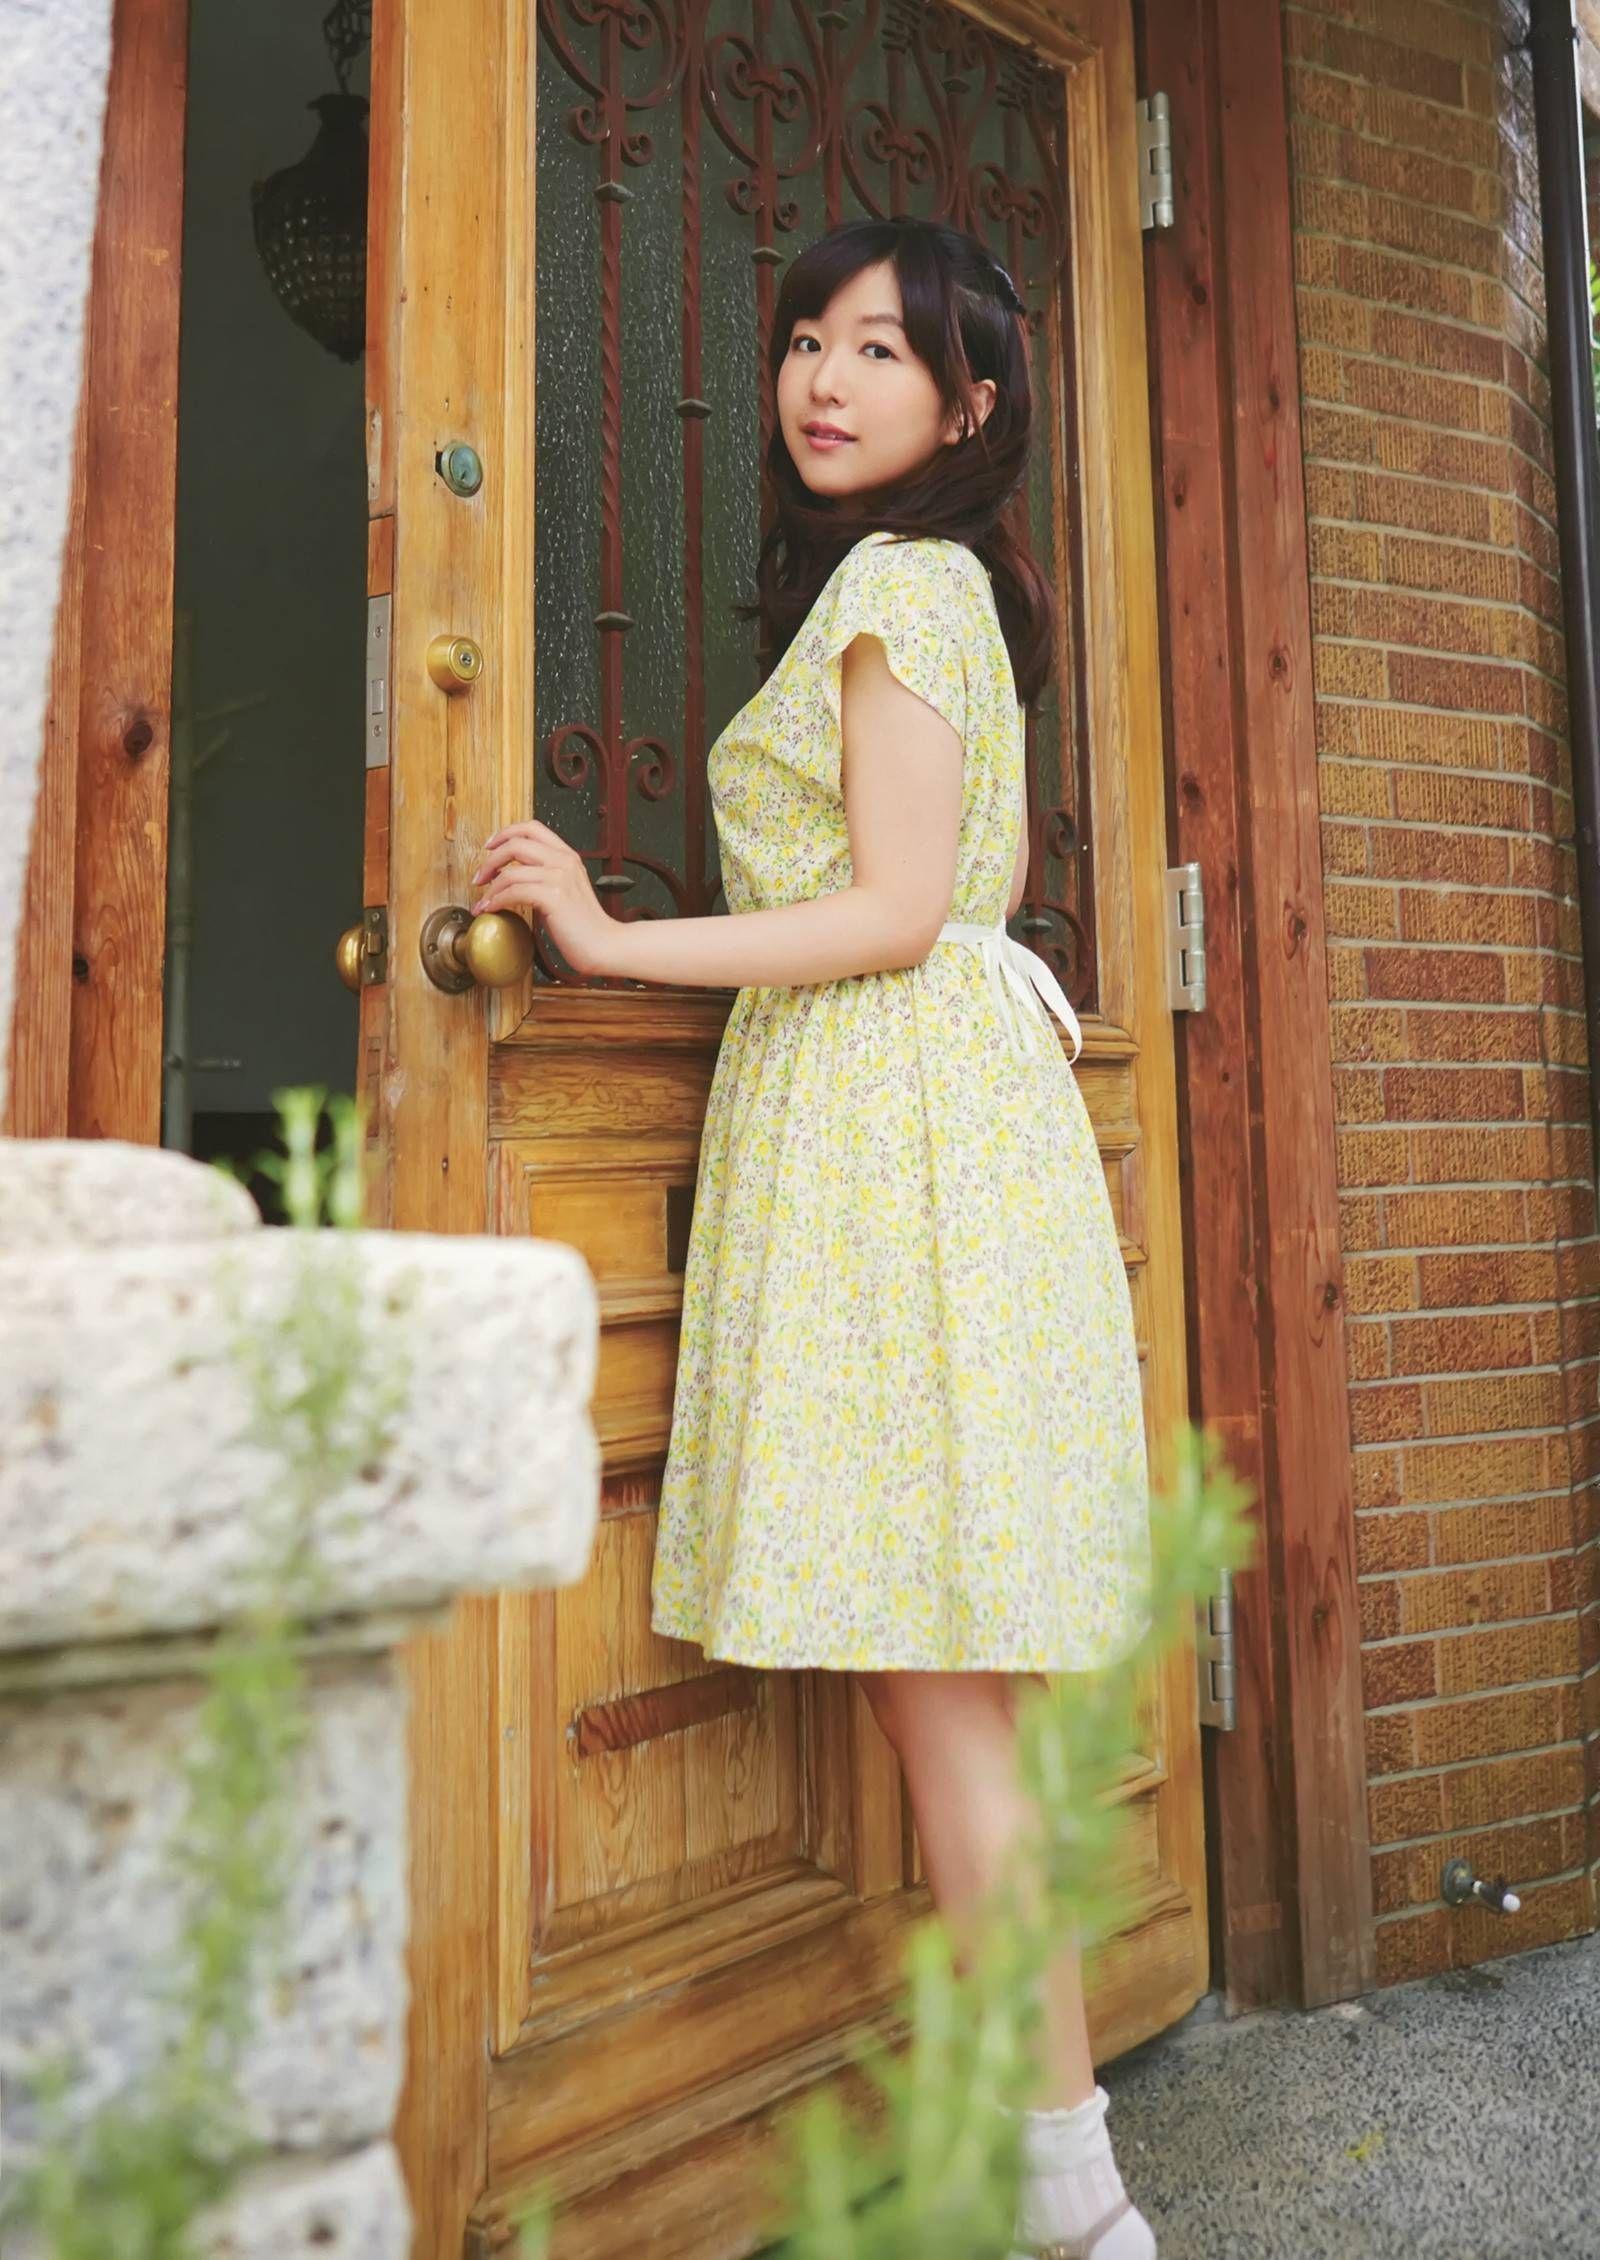 茅野愛衣さんのコスプレ